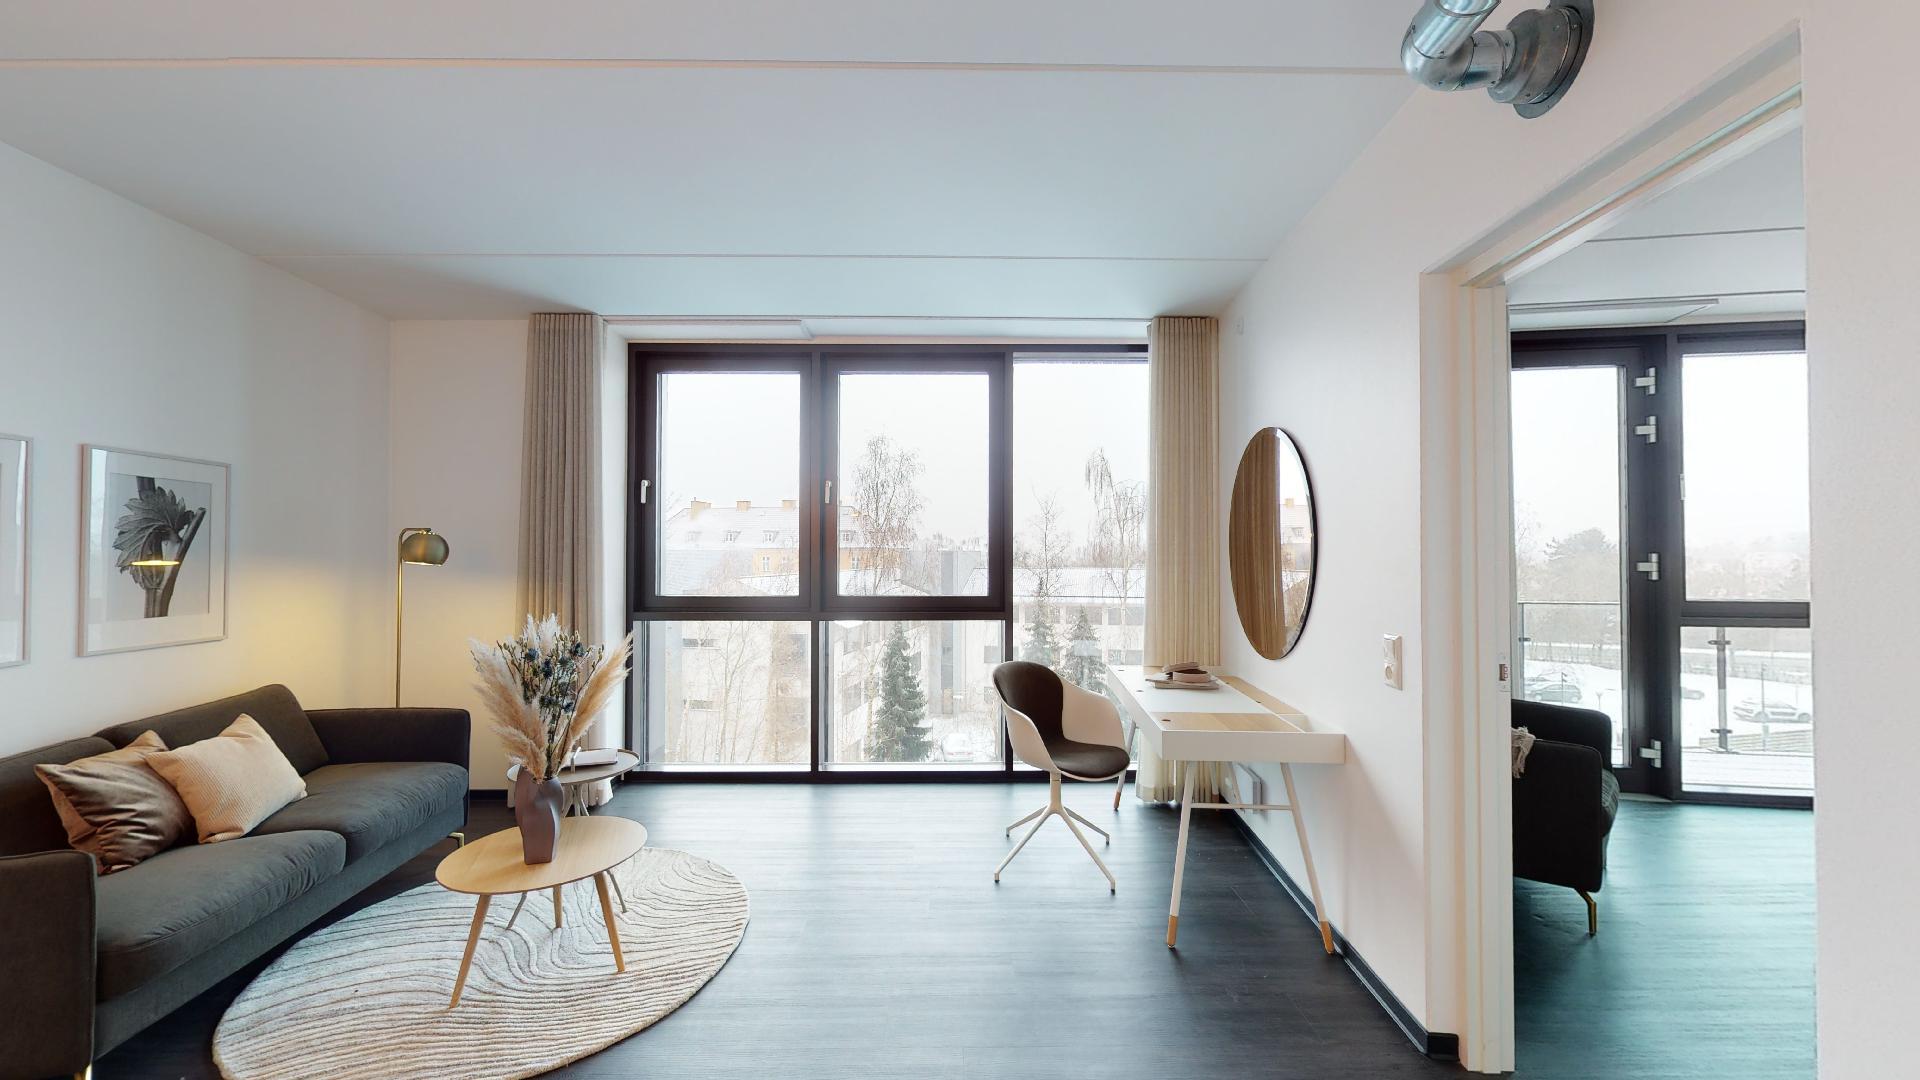 2 værelses lejlighed med møbelpakke fra BoConcept